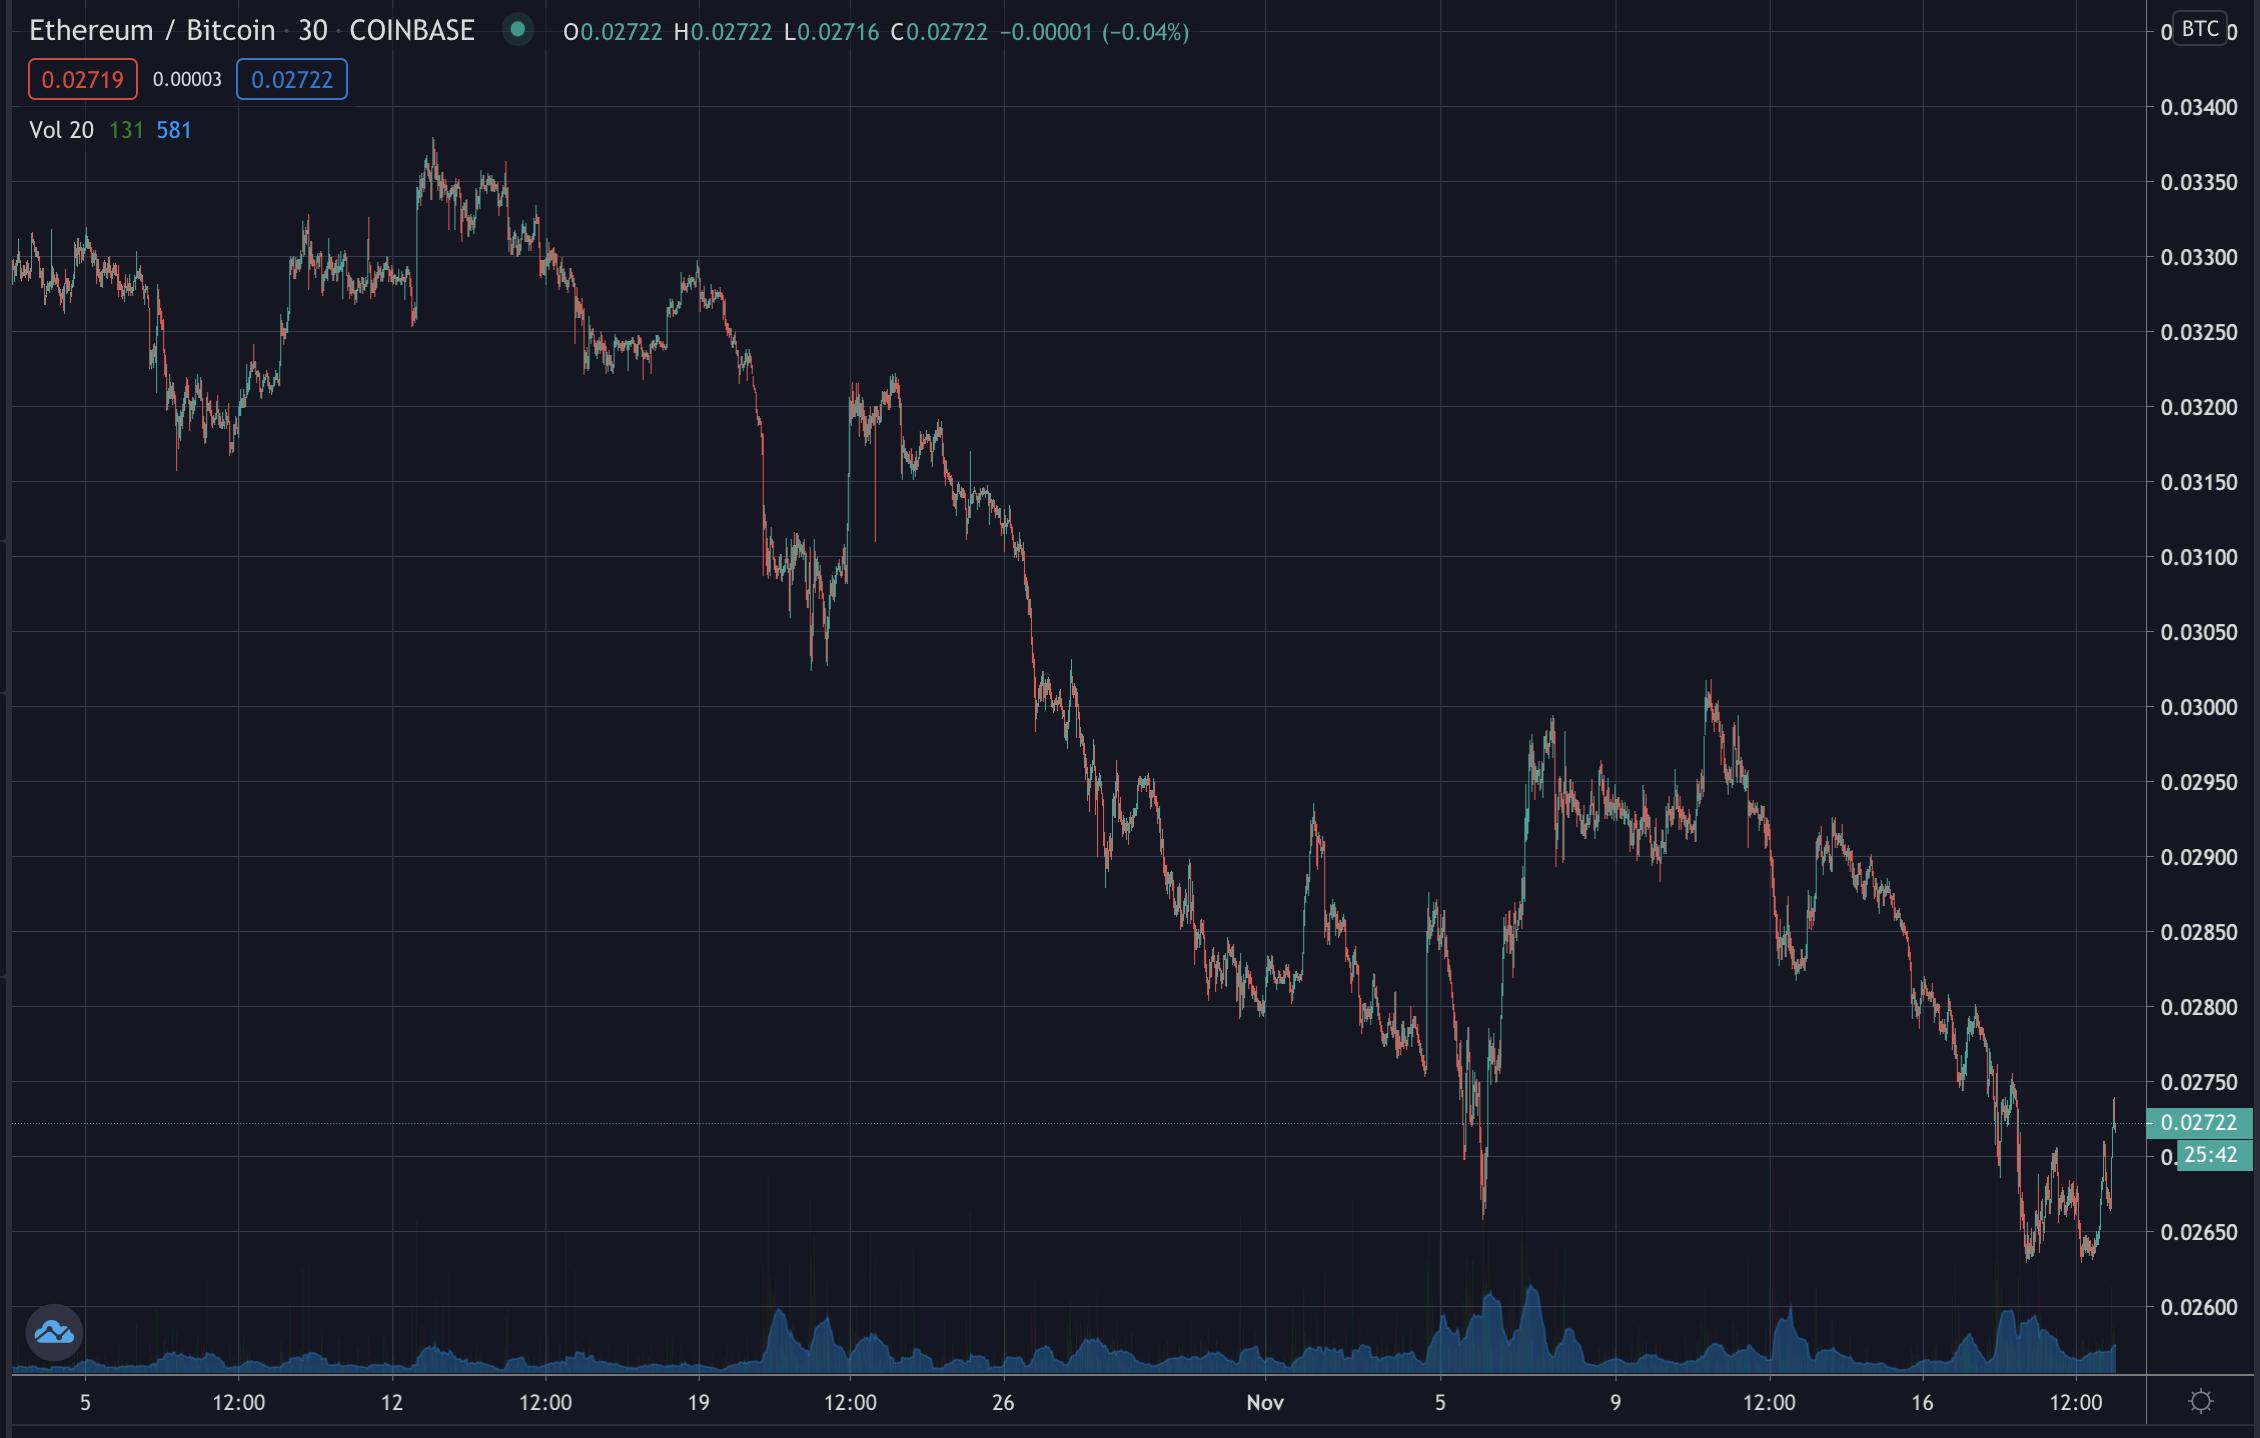 ETH/BTC Ratio, Nov 2020